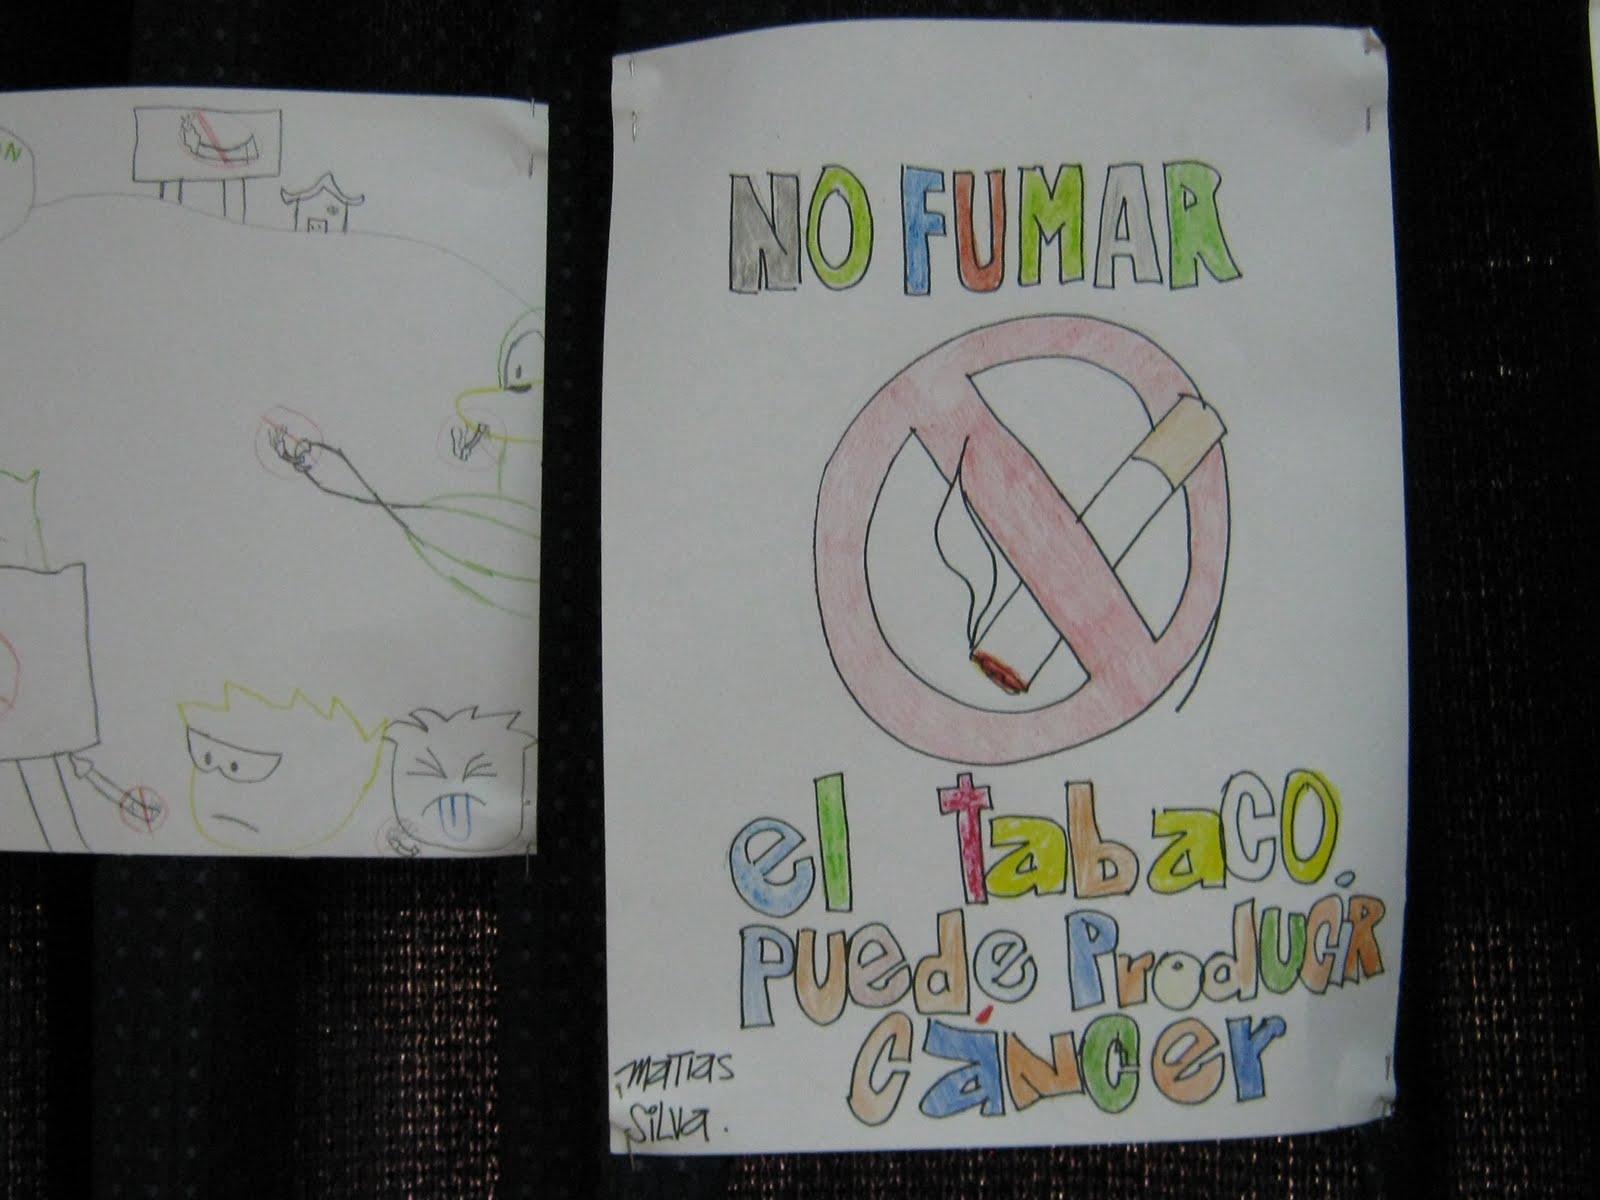 Afiches Por El Dia Del No Fumador   hairstyletop.com